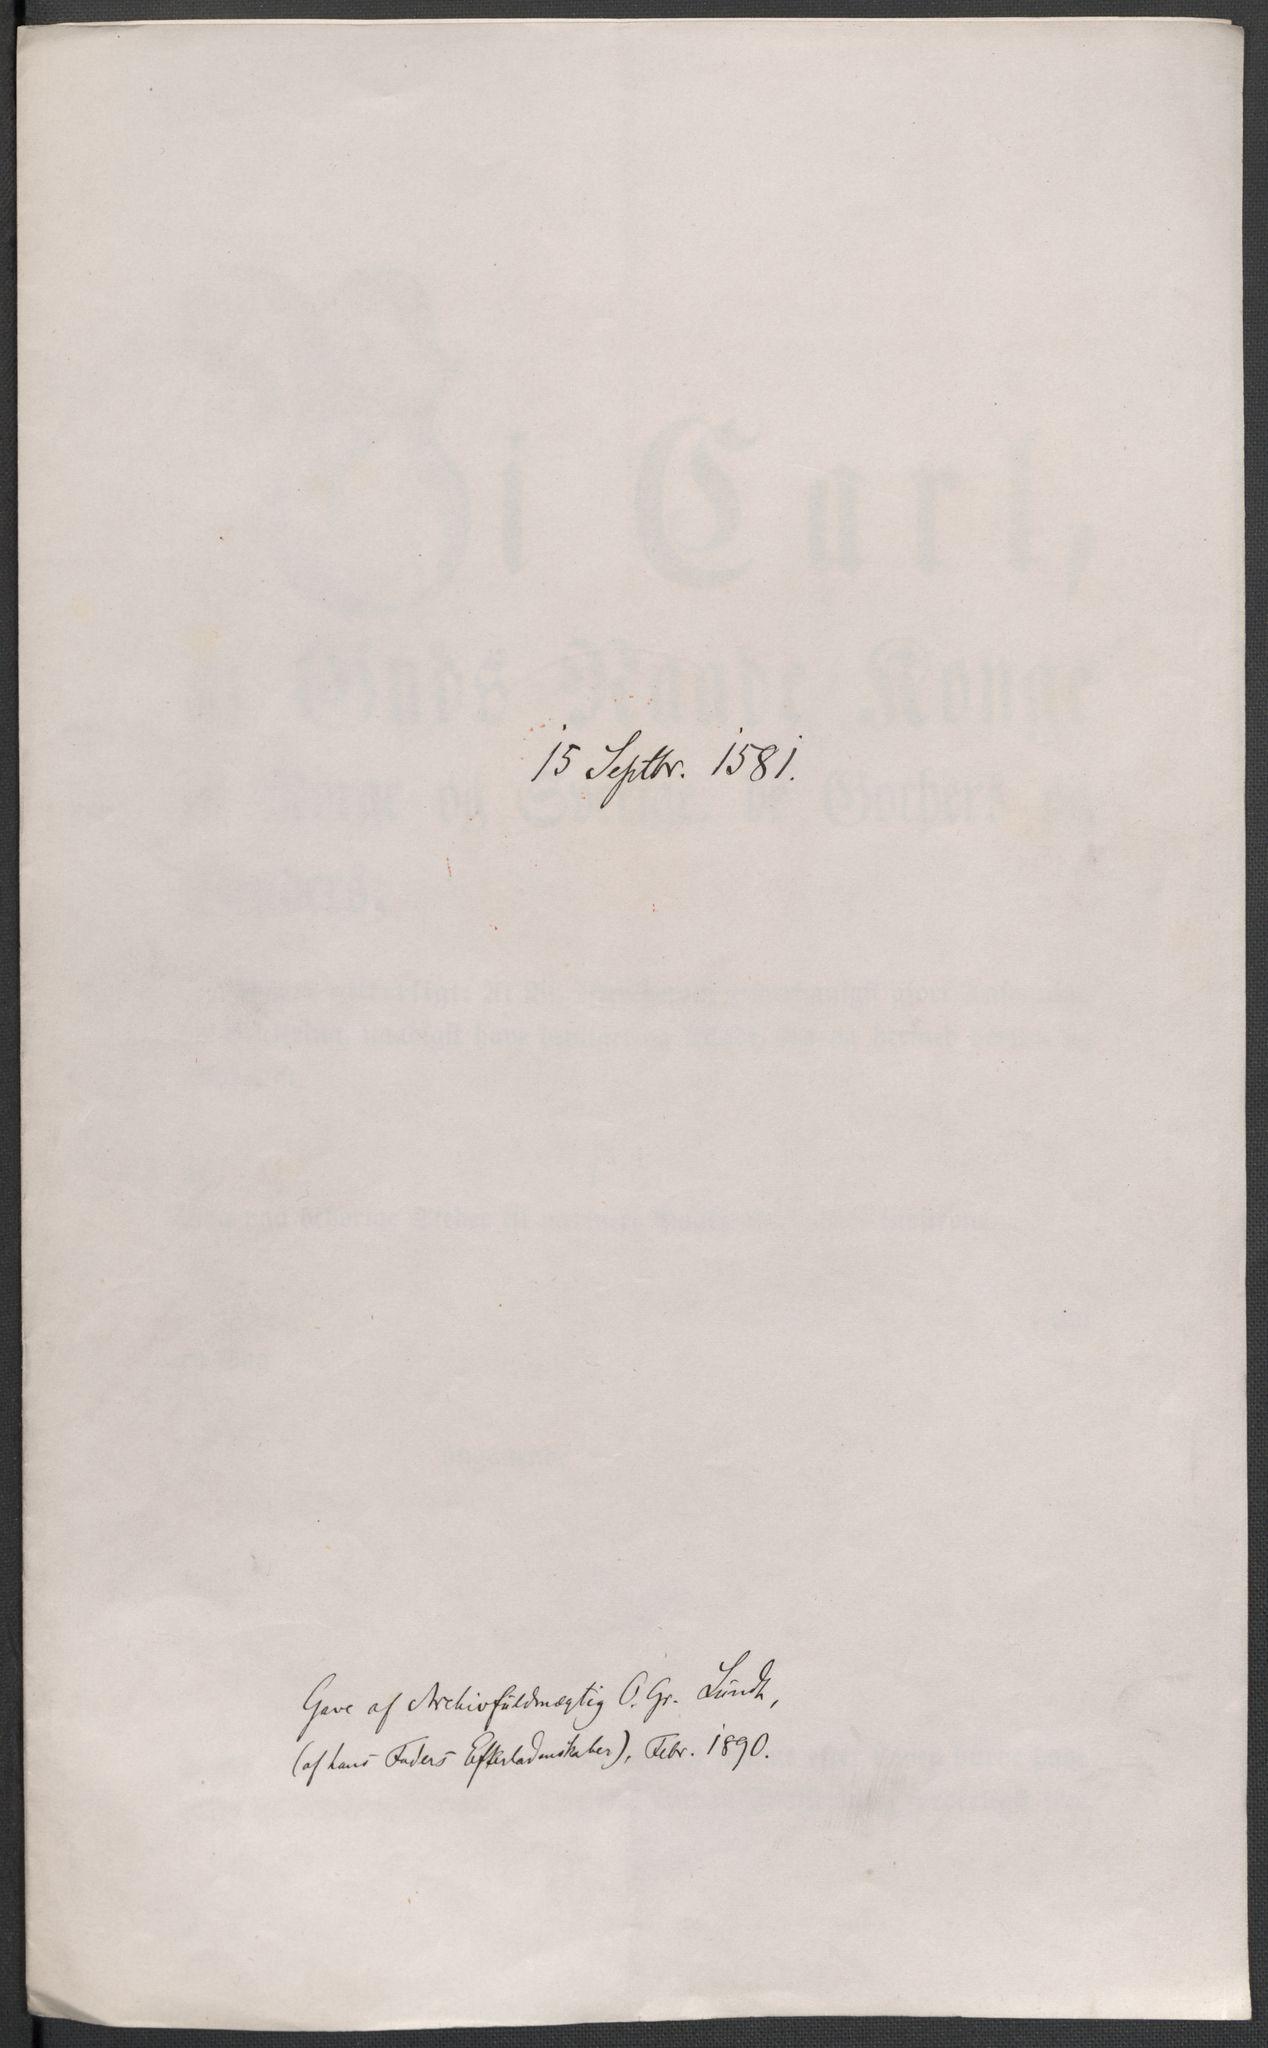 RA, Riksarkivets diplomsamling, F02/L0083: Dokumenter, 1581, s. 32